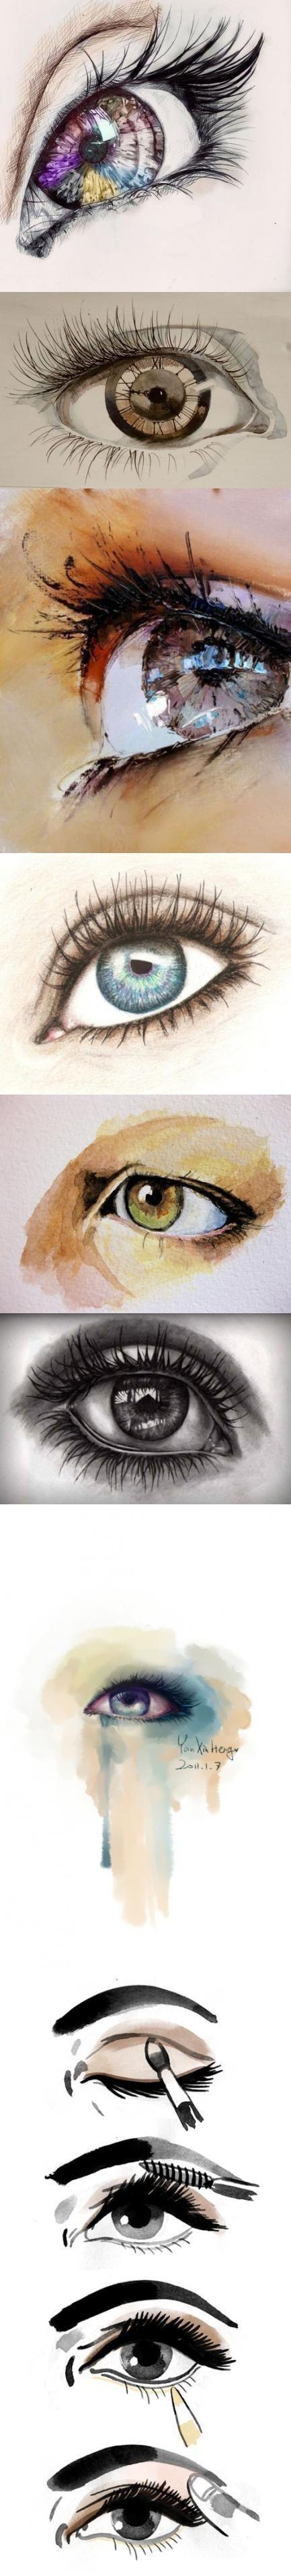 eyes, eyes, eyes.... by BrittyBeauty